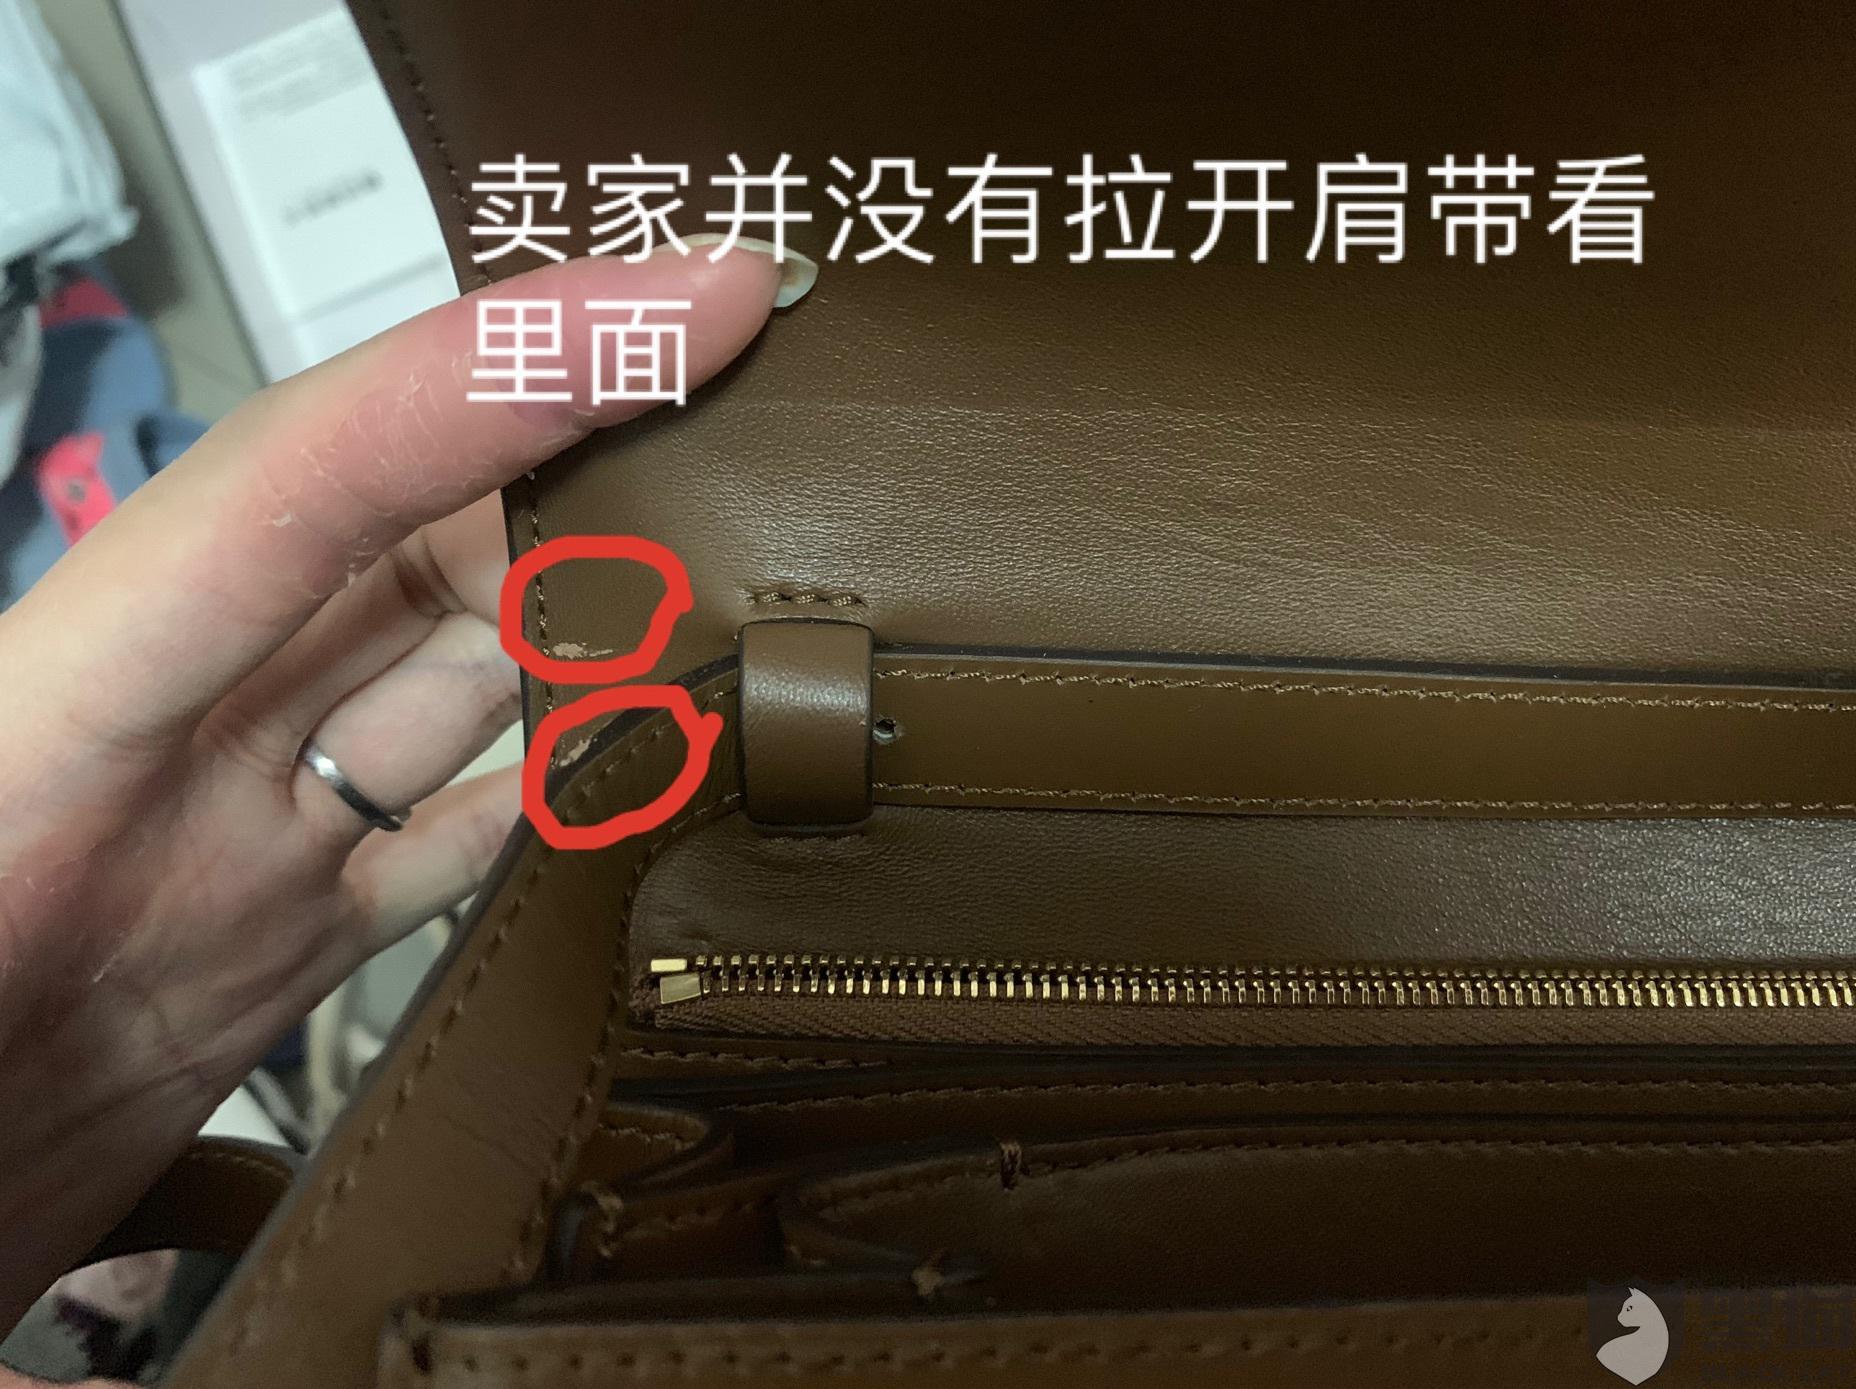 黑猫投诉:我在闲鱼乔妹哈哈哈哪里买了一个二手包说的是全新收到后瑕疵品